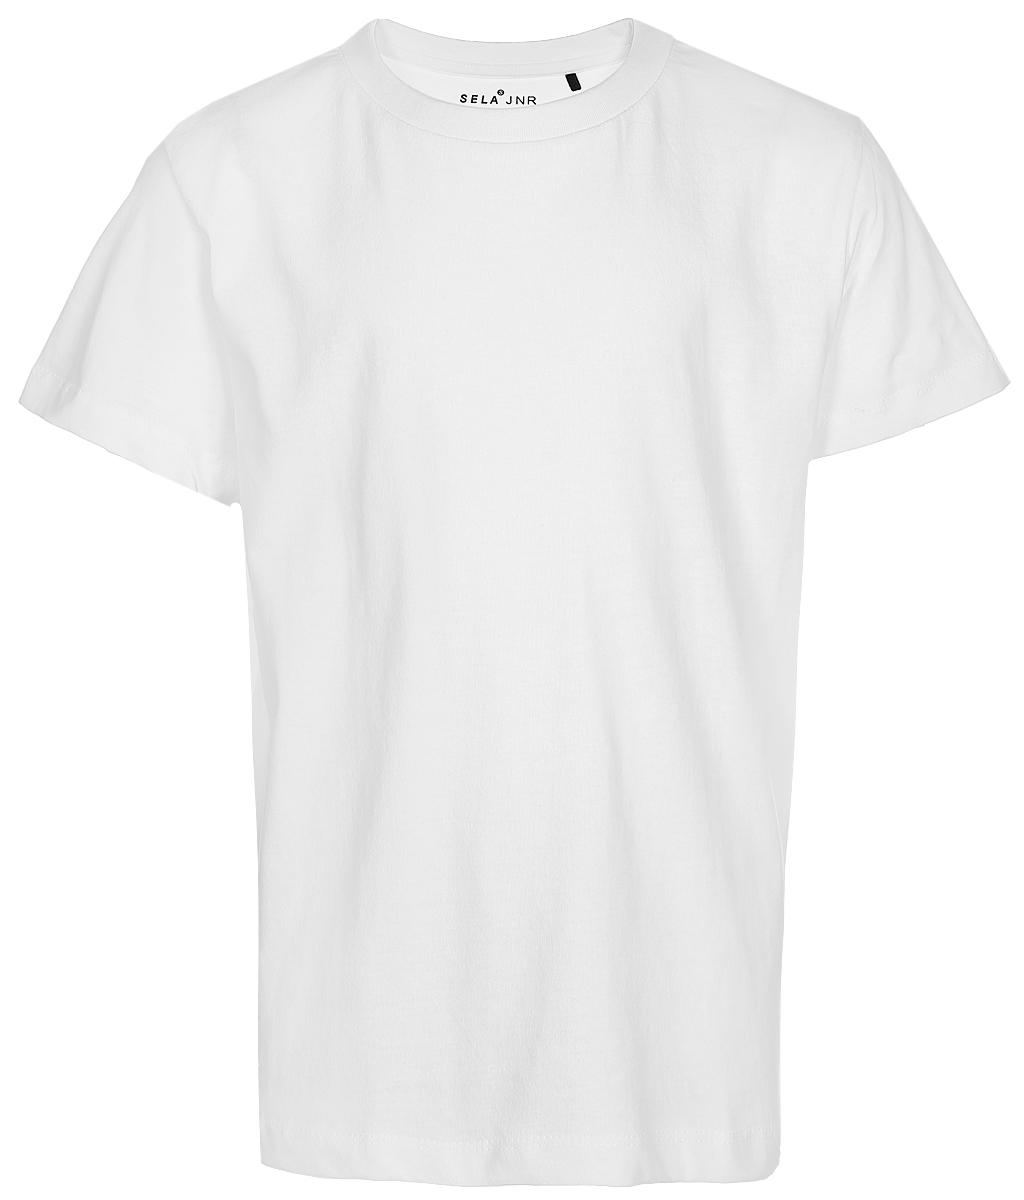 Футболка для мальчика Sela, цвет: белый. Ts-811/1090-7340. Размер 134Ts-811/1090-7340Классическая футболка для мальчика Sela станет отличным дополнением к повседневному гардеробу. Модель прямого кроя с короткими рукавами изготовлена из натурального хлопка. Круглый вырез горловины дополнен мягкой трикотажной резинкой. Модель подойдет для занятий спортом, прогулок и дружеских встреч, а универсальный цвет позволит сочетать ее с любой одеждой.